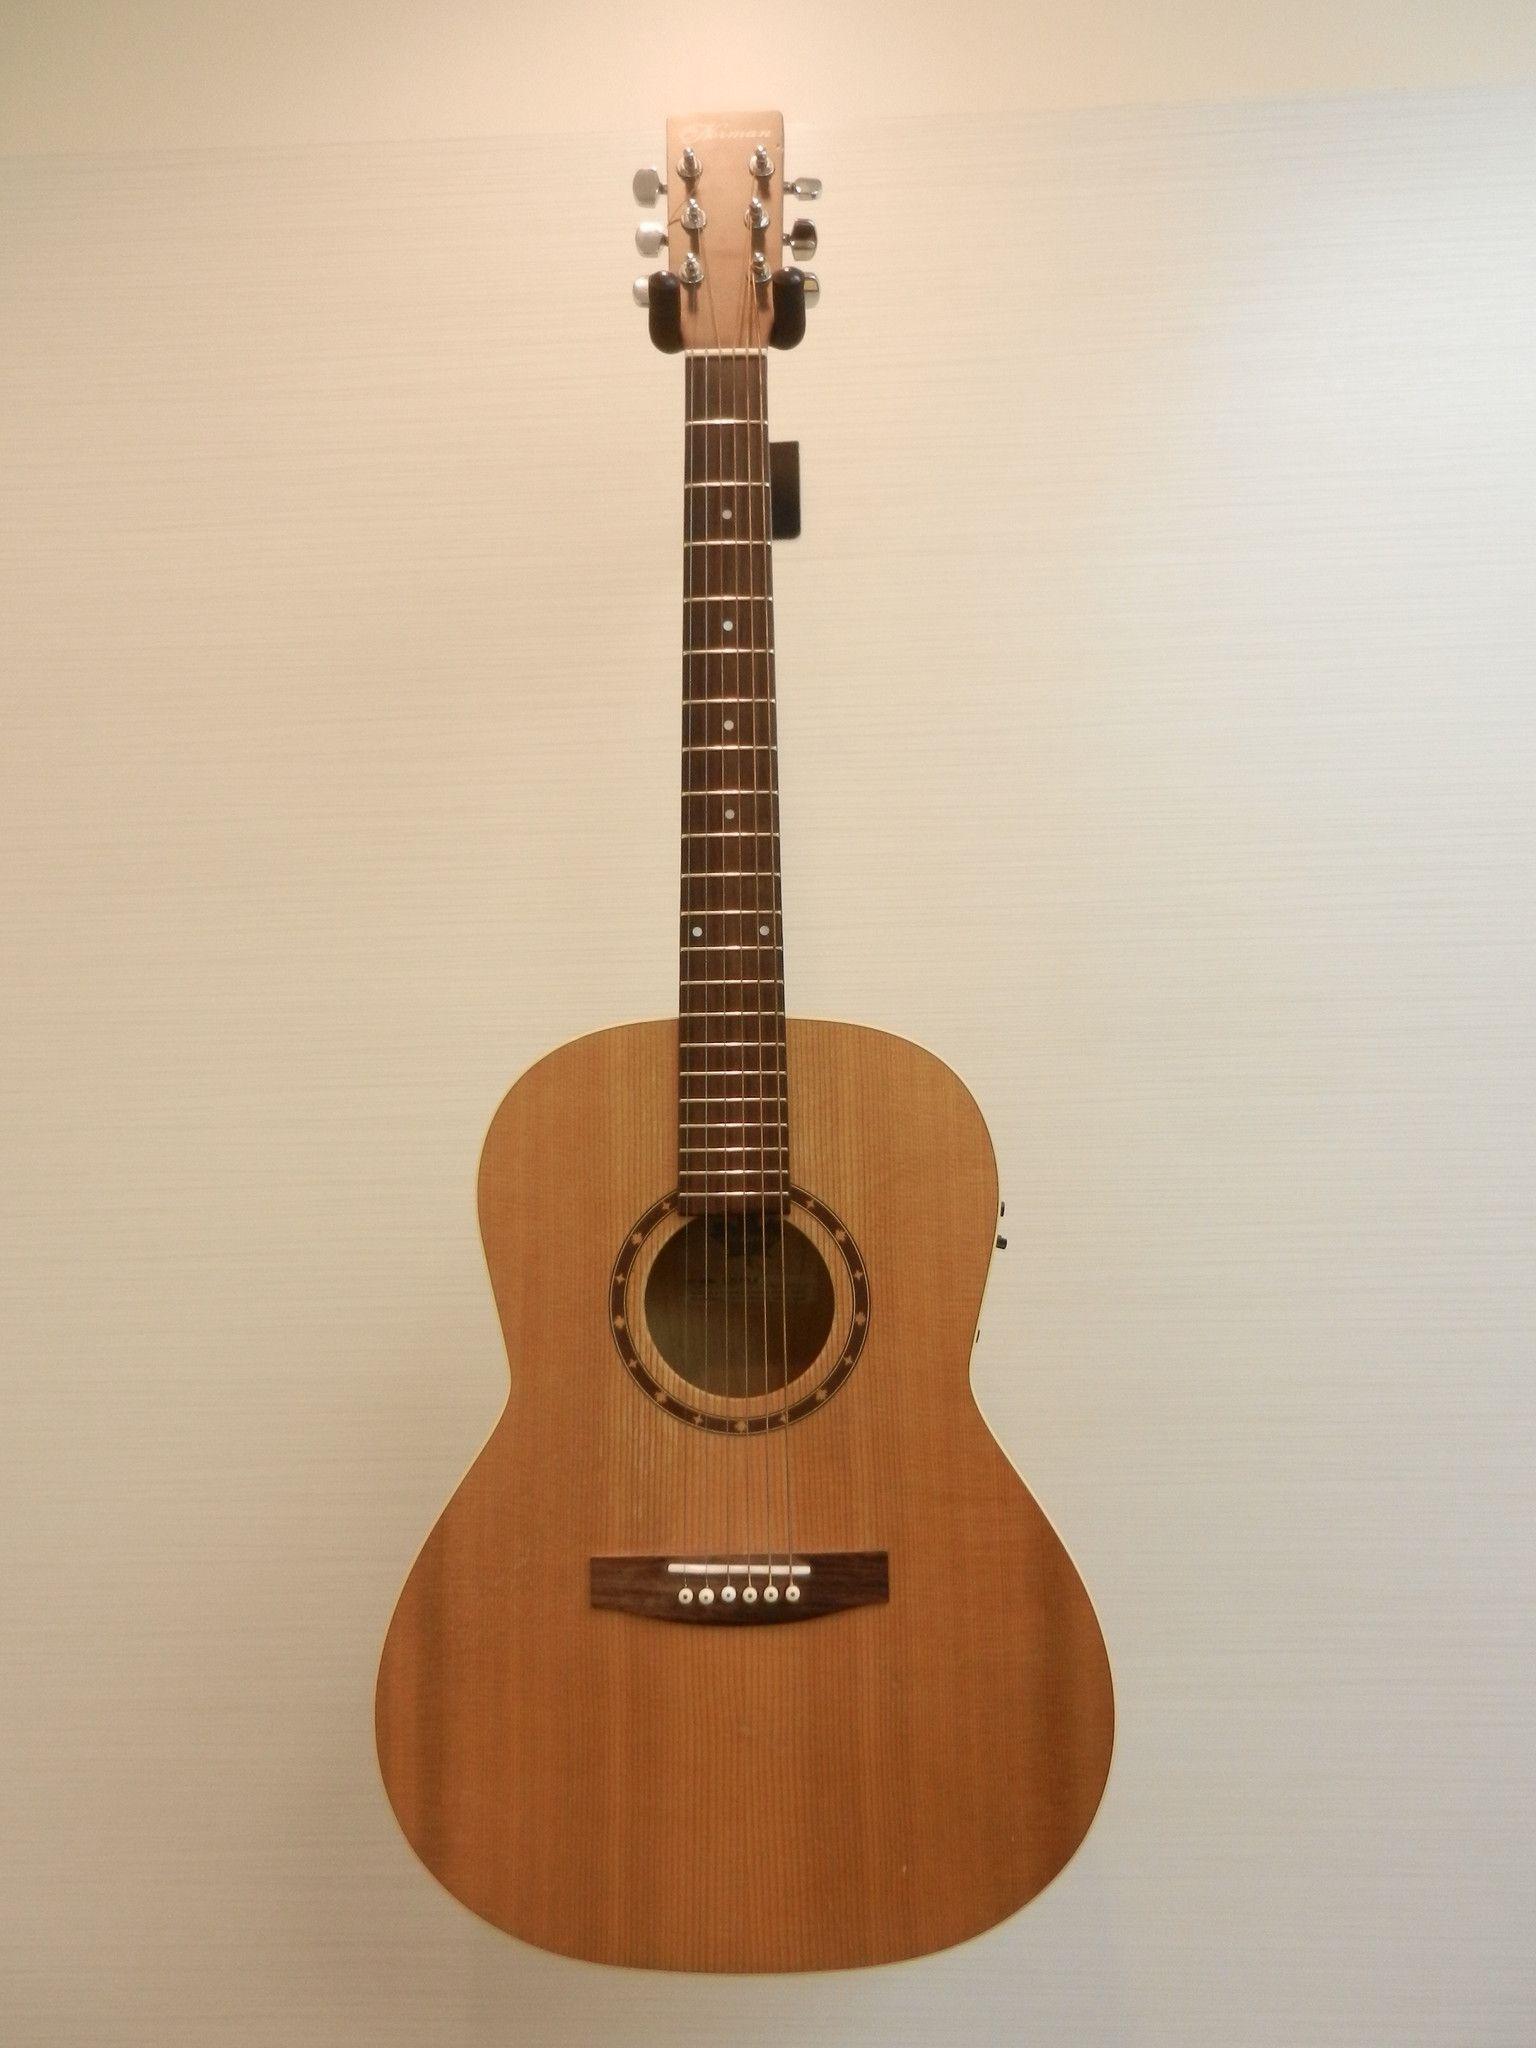 Norman B20 Left Handed Folk Guitar W Fishman Prefix Pro Onboard Preamp